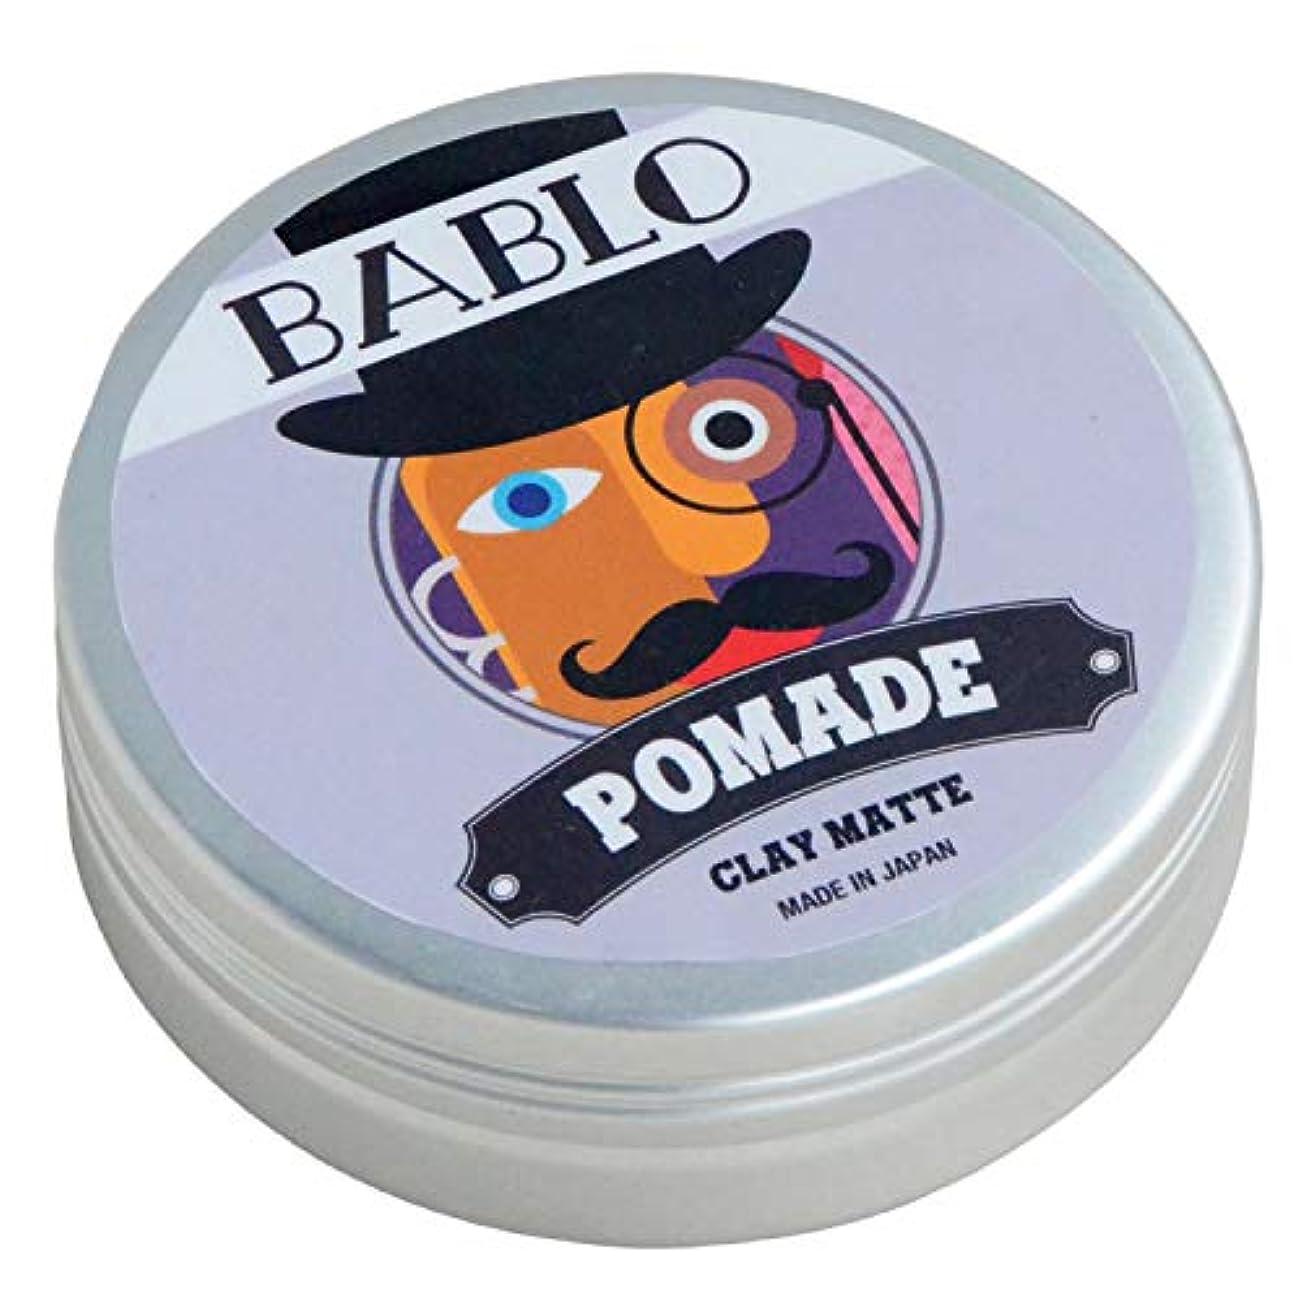 ワイヤーわがまま不十分なバブロ ポマード(BABLO POMADE) クレイマット ヘアワックス メンズ 整髪料 水性 ヘアグリース